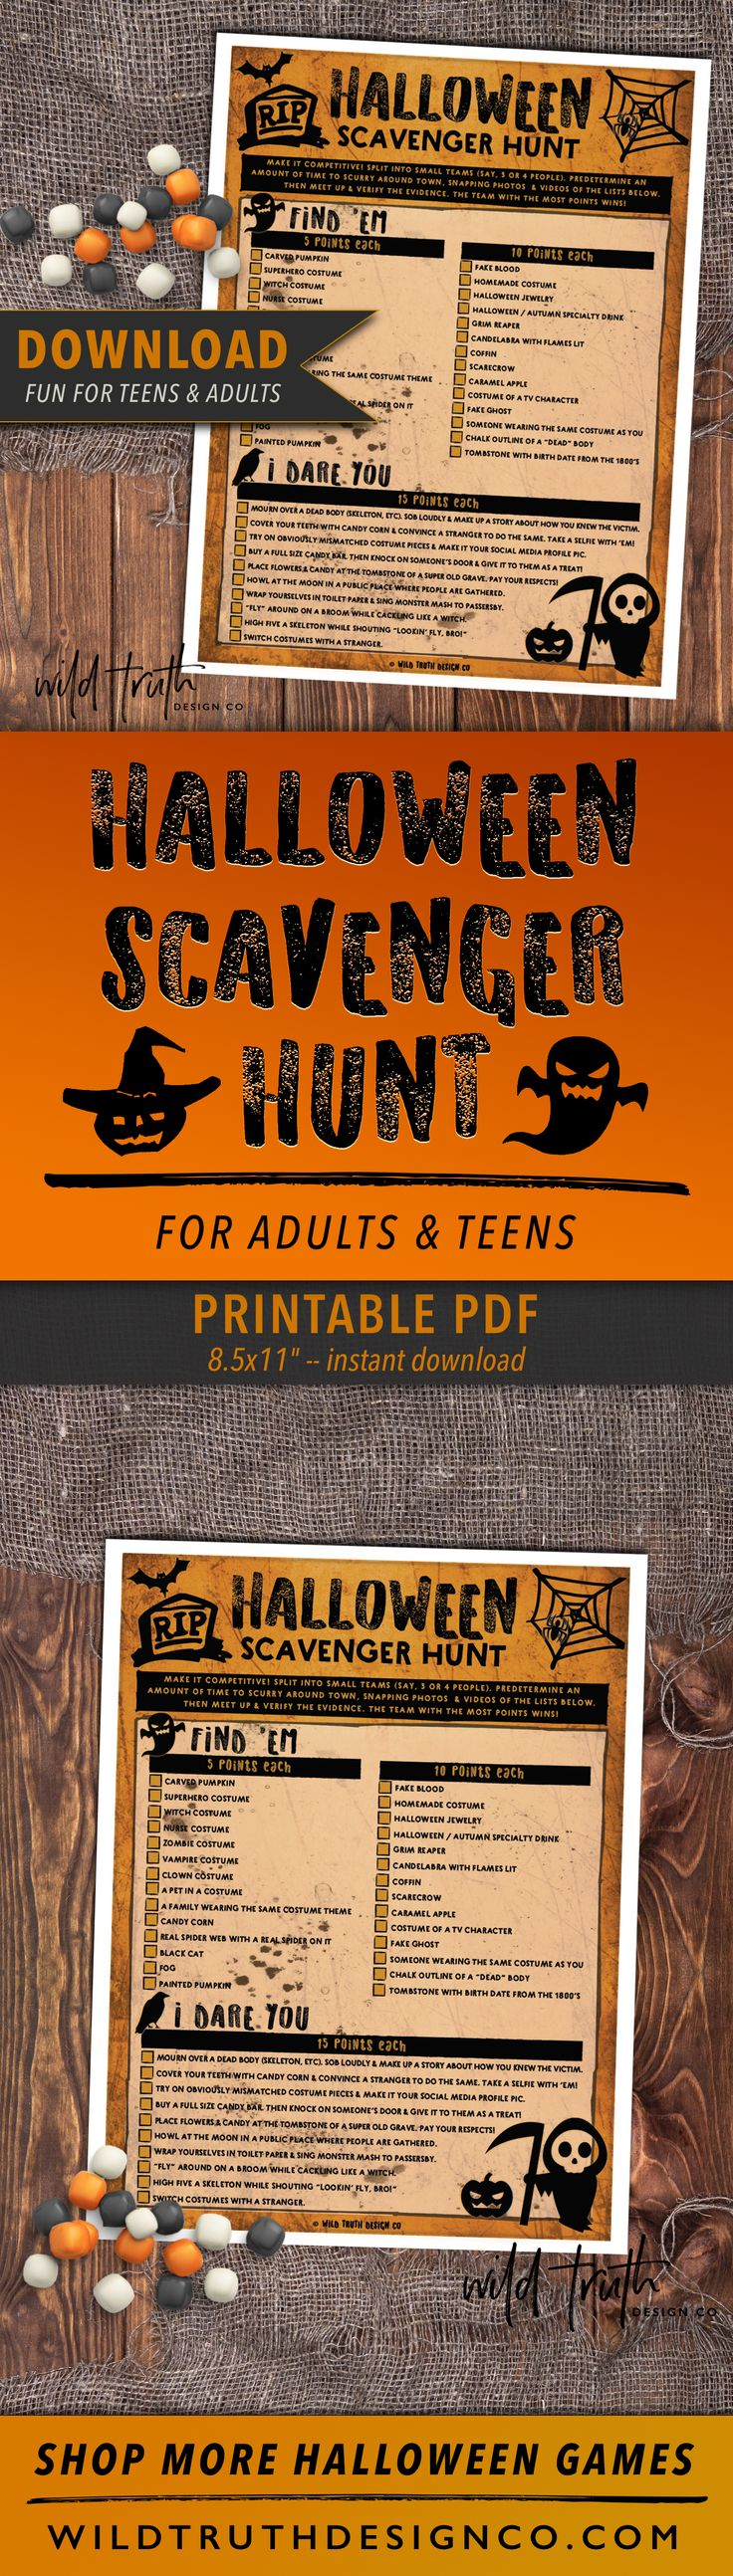 Adult pirate party ideas - 25 Unique Adult Scavenger Hunt Ideas On Pinterest Scavenger Hunt Birthday Scavenger Hunt Riddles And Scavenger Hunt Clues